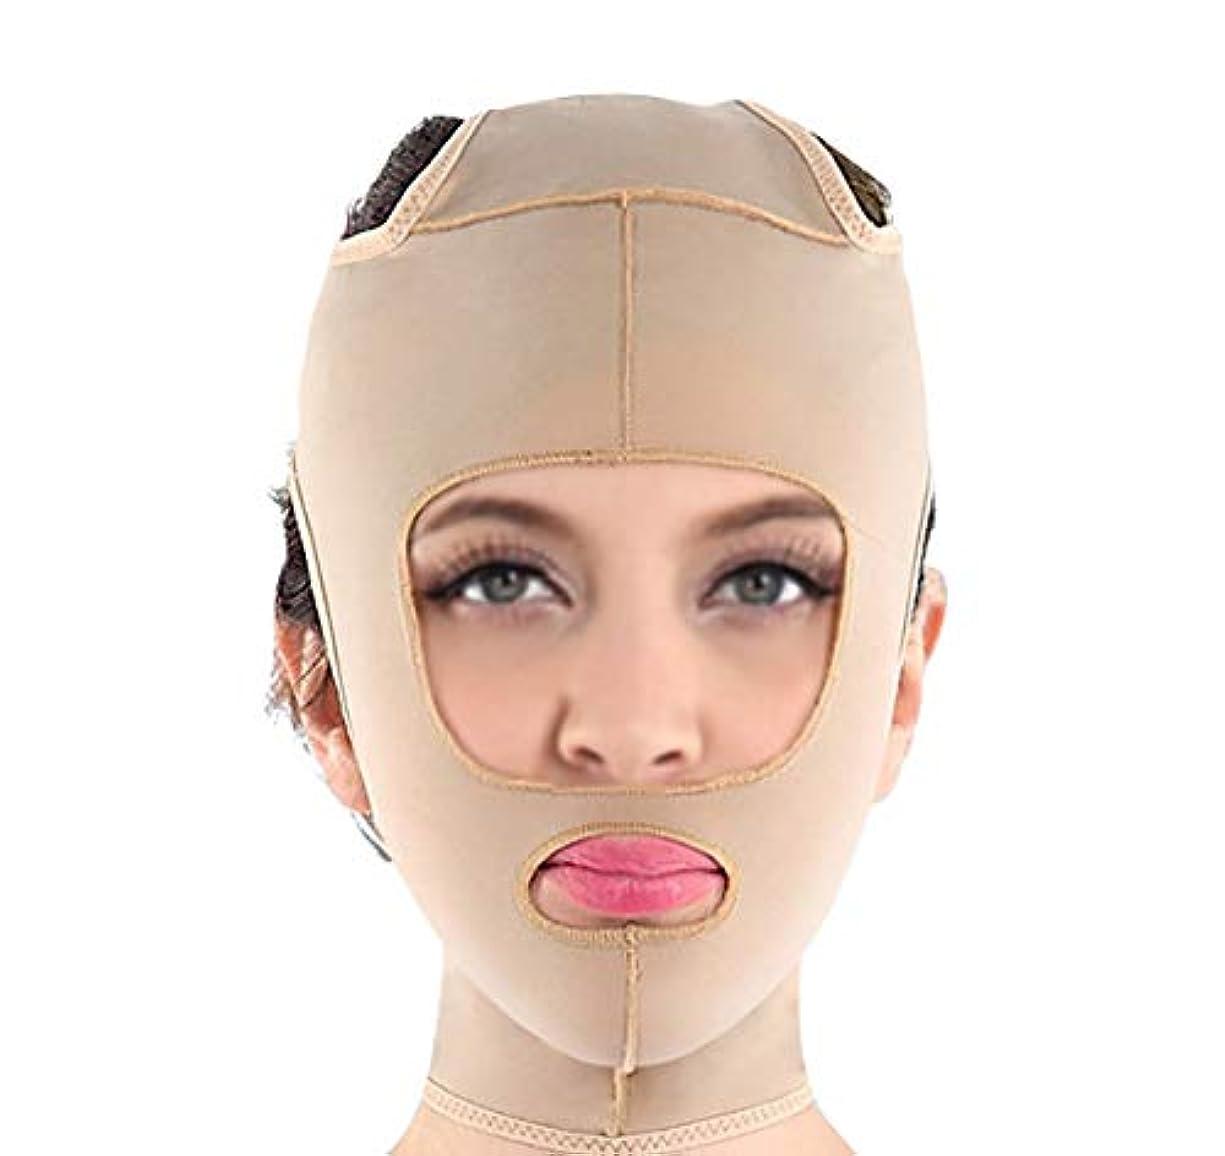 サーバント解読する熱帯の包帯vフェイス楽器フェイスマスクマジックフェイスフェイシャルファーミングフェイシャルマッサージフェイシャルリンクルリフティング引き締めプラスチックマスク (Size : L)